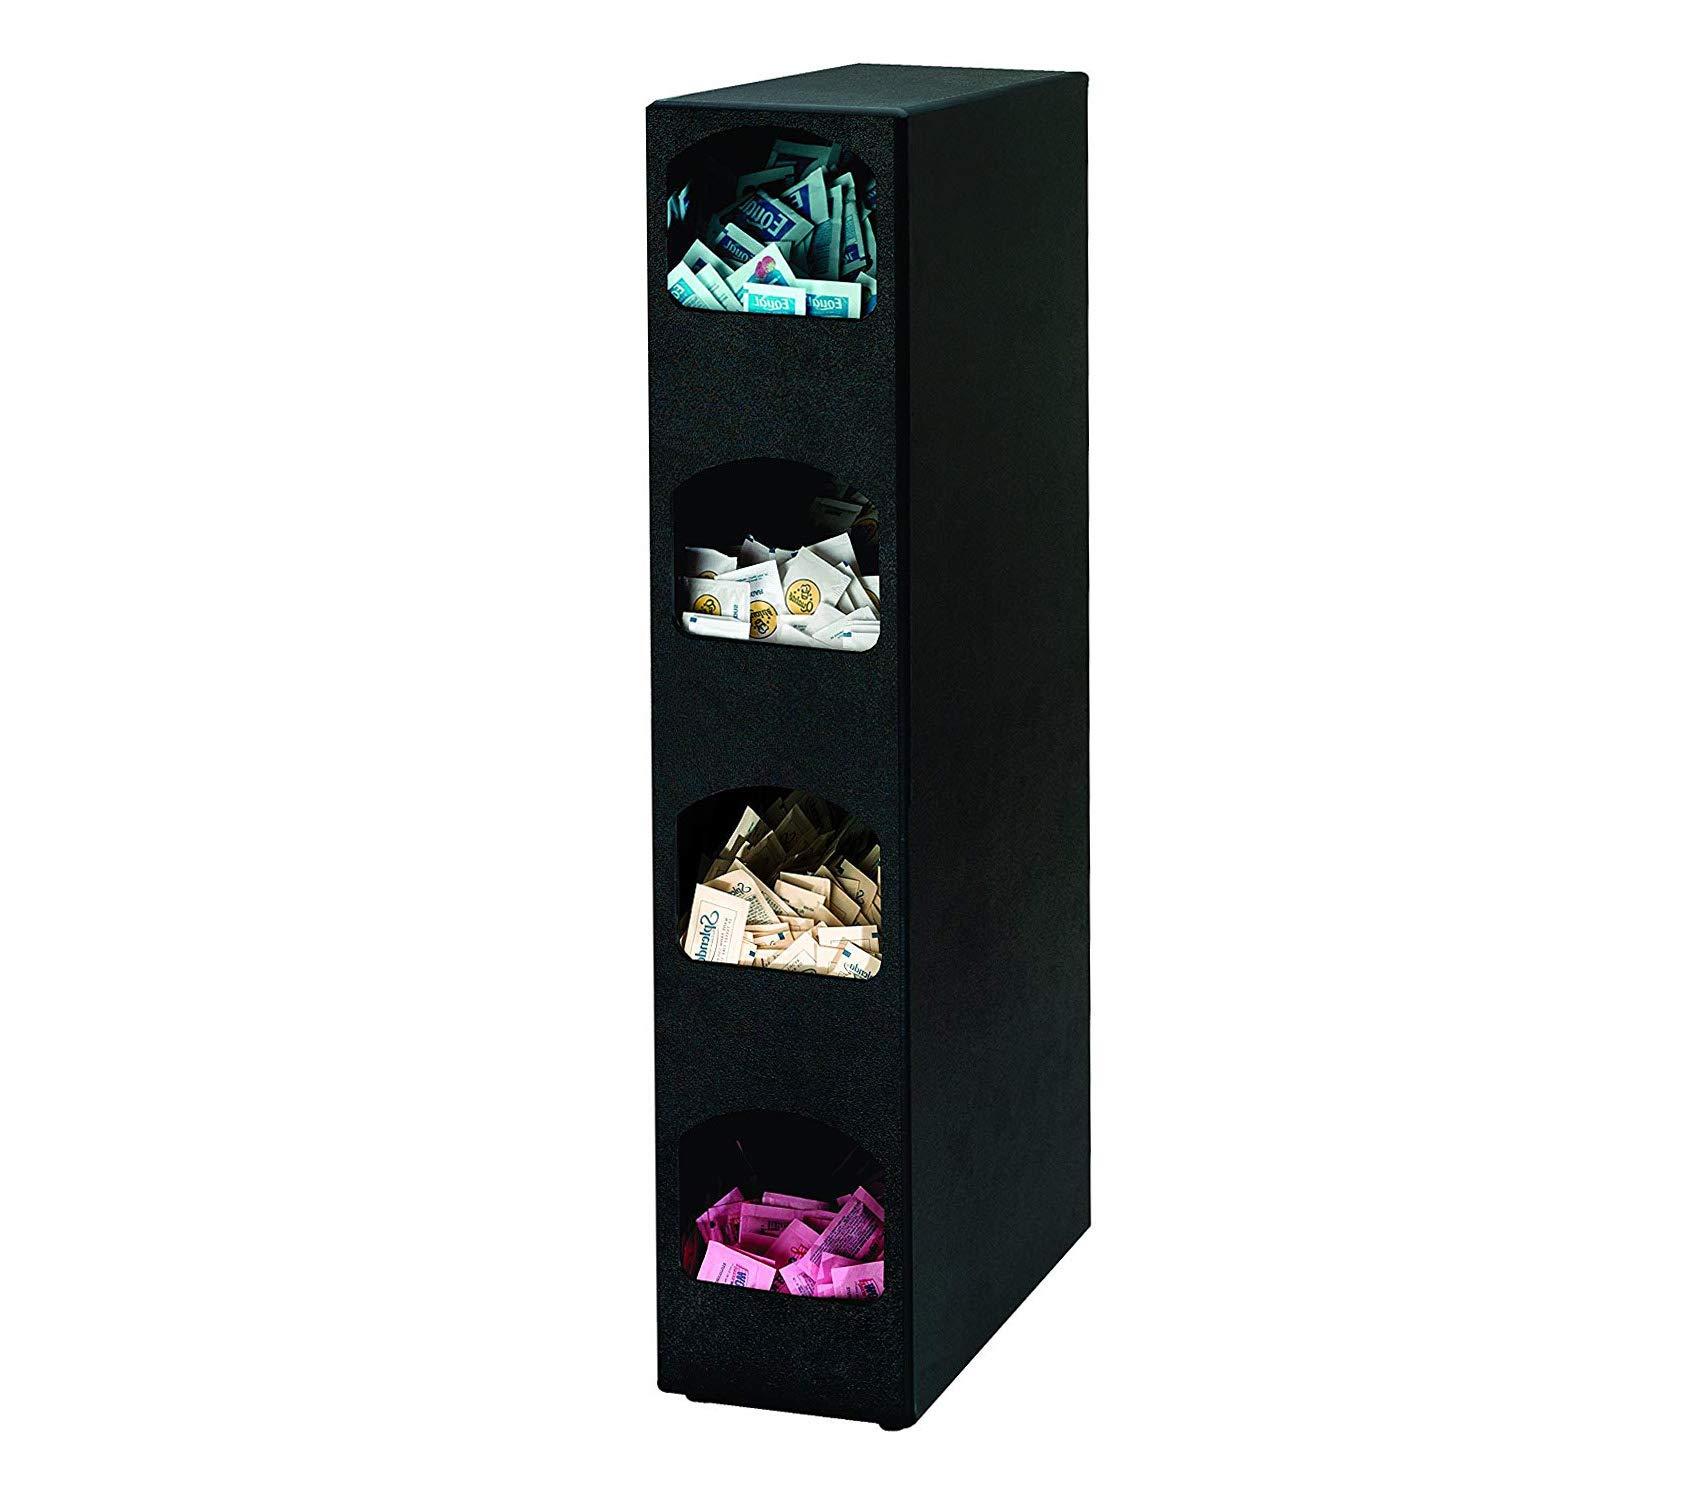 Home Décor Premium Four Compartment Countertop Vertical Condiment Organizer Storage Durable Strong Decorative